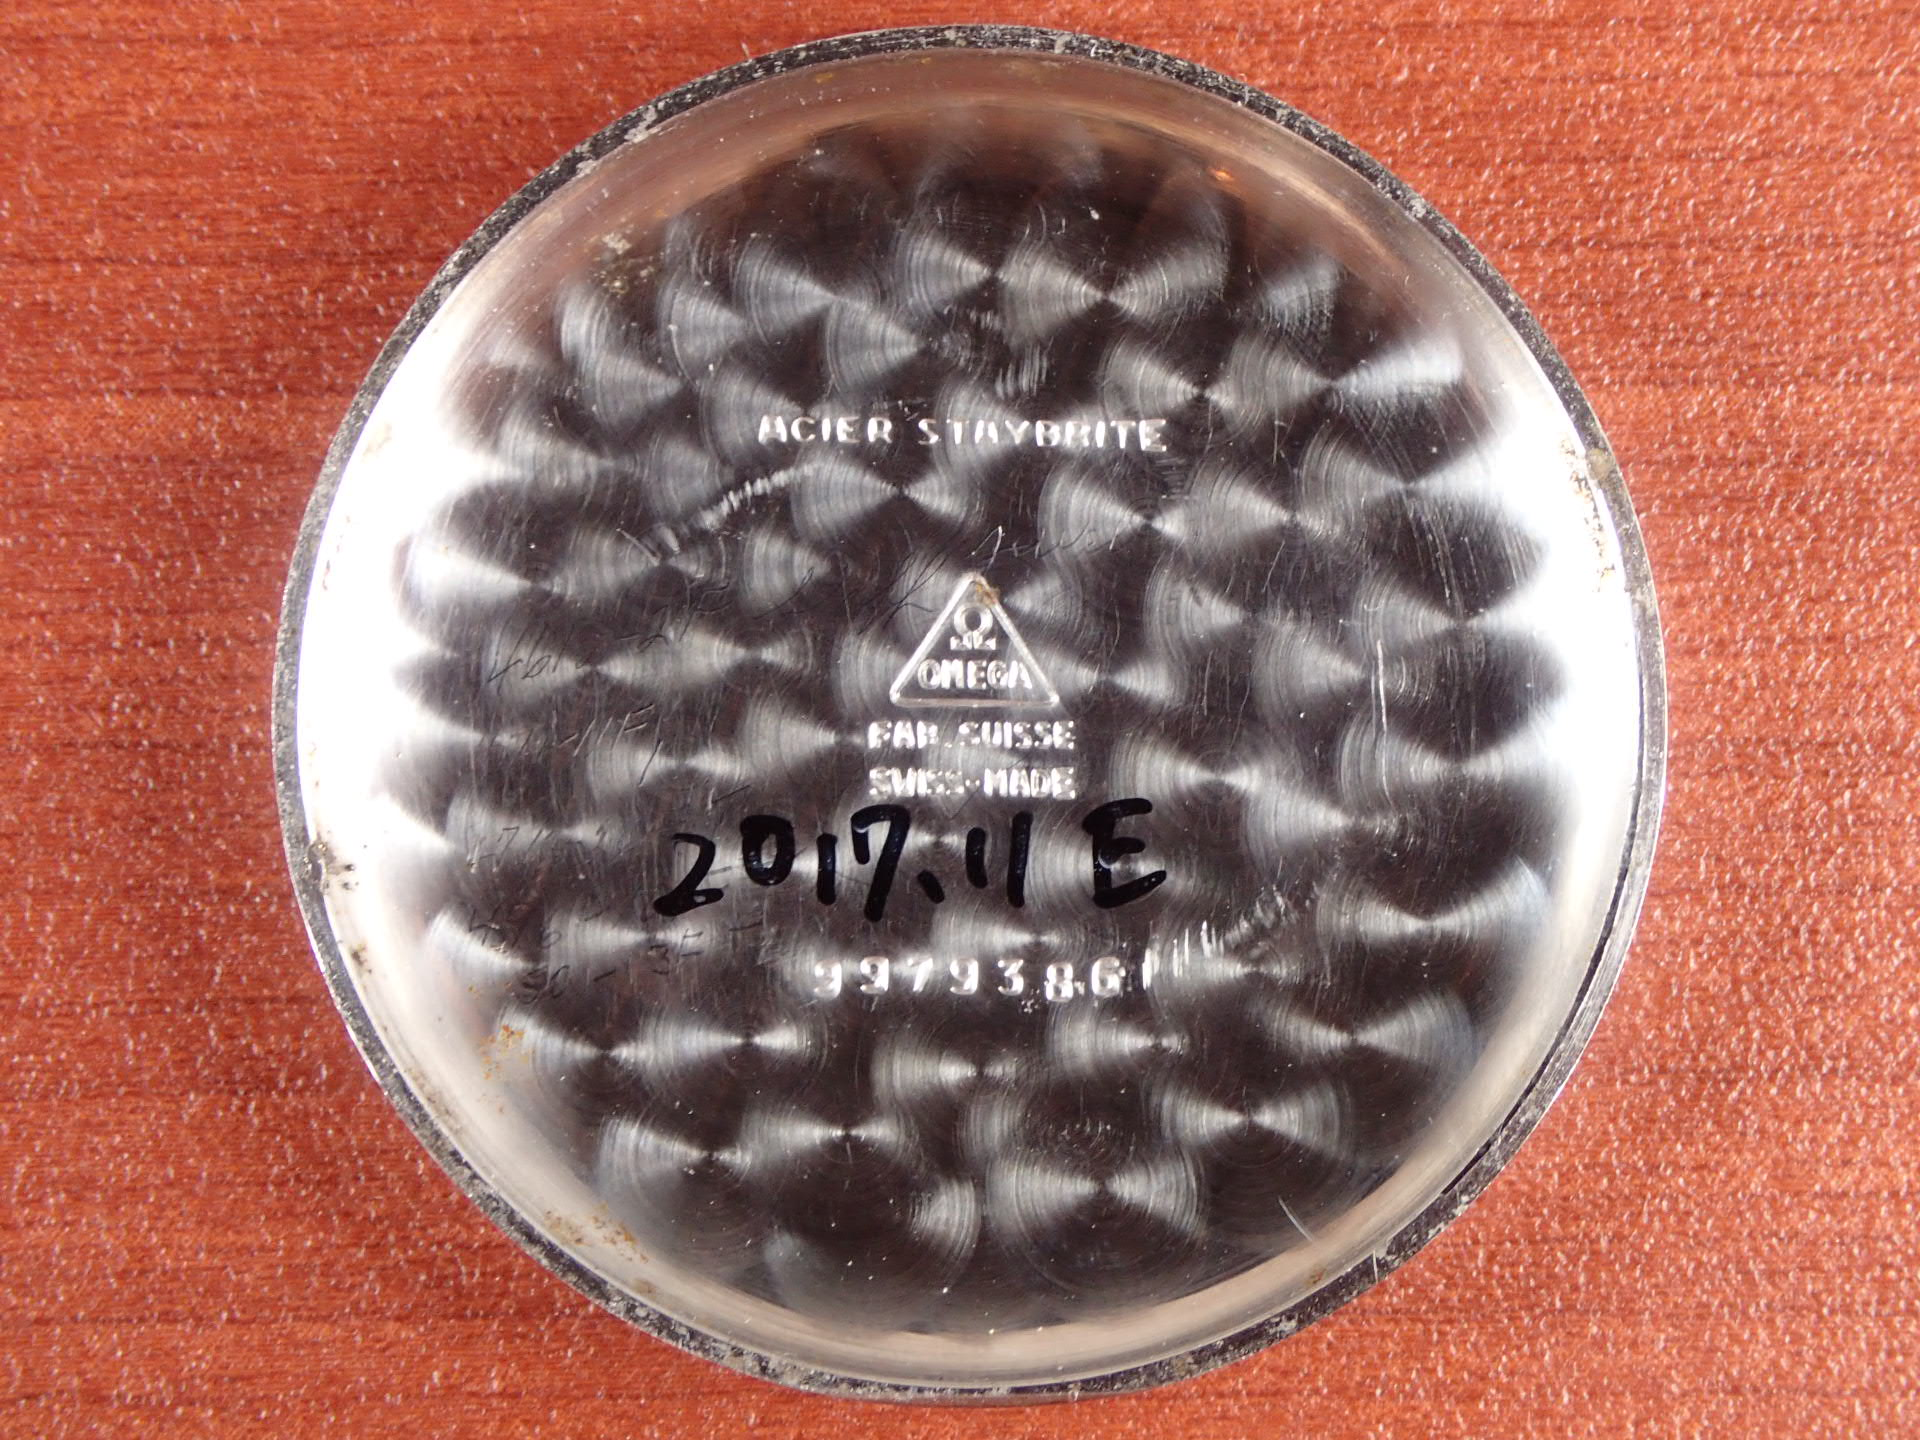 オメガ クロノグラフ キャリバー28.9 CHRO T2 1940年代の写真6枚目